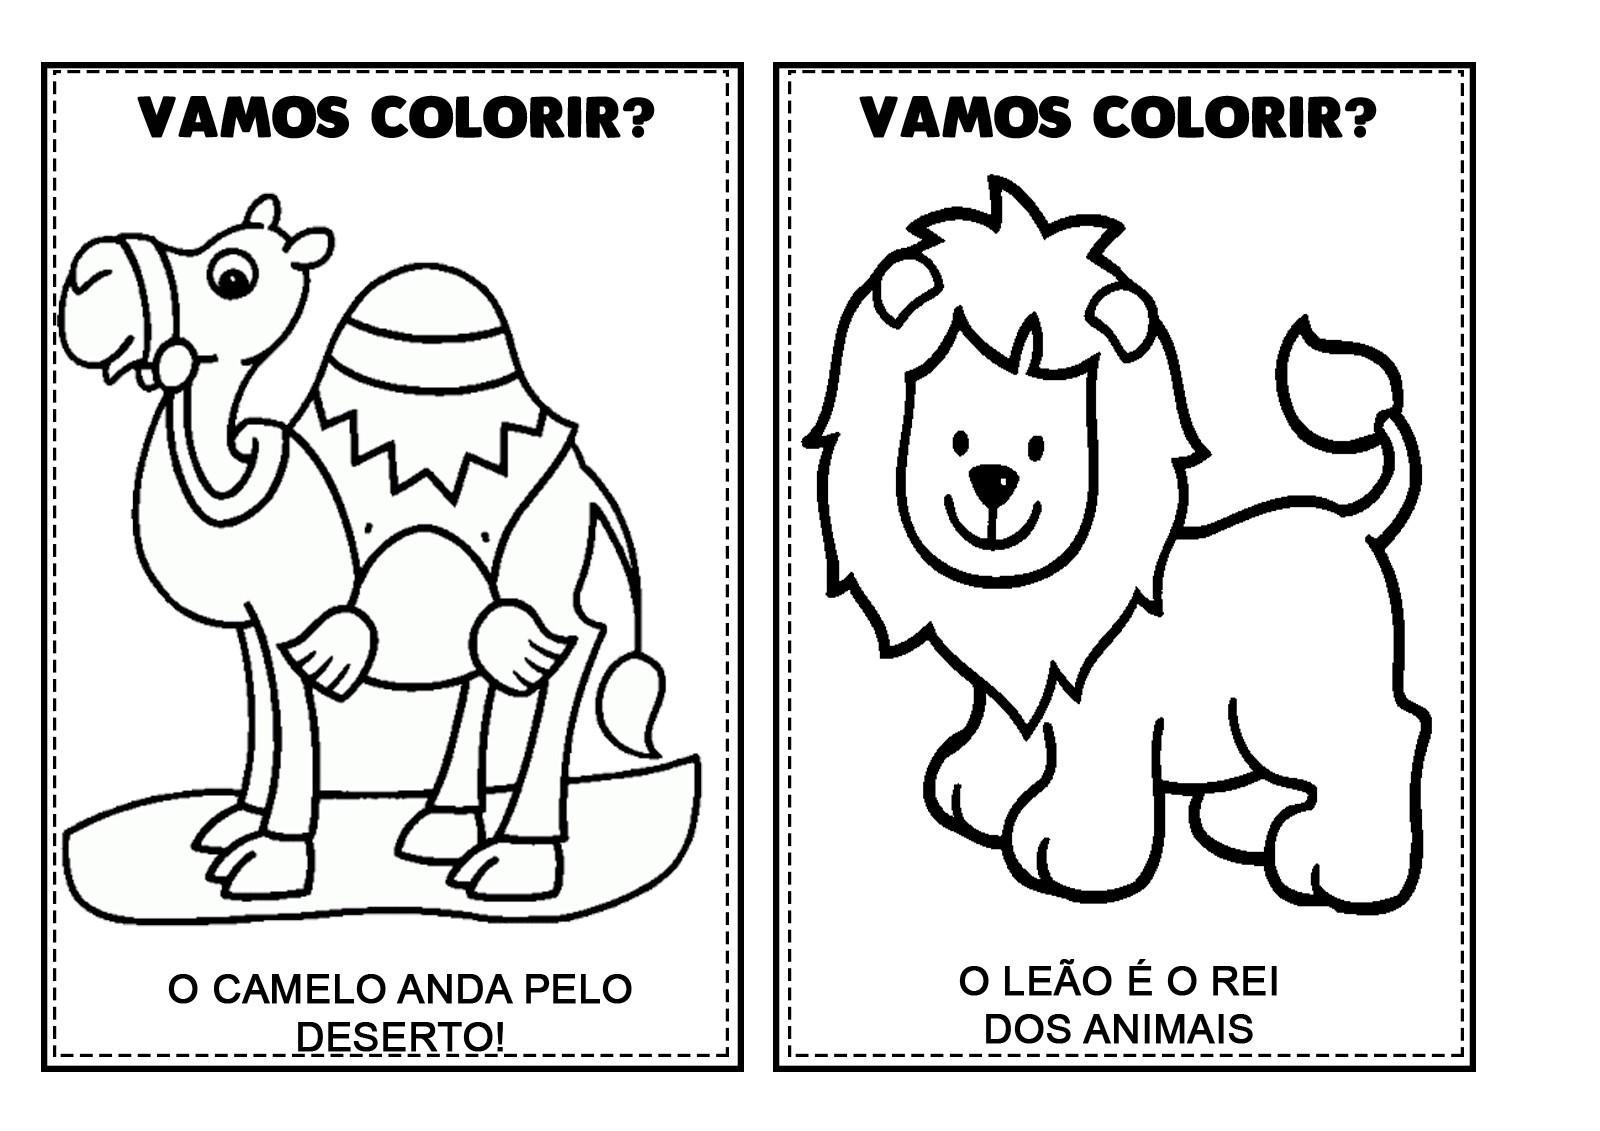 Revista De Colorir Animais Pdf 42 No Elo7 Espaco Educar Loja